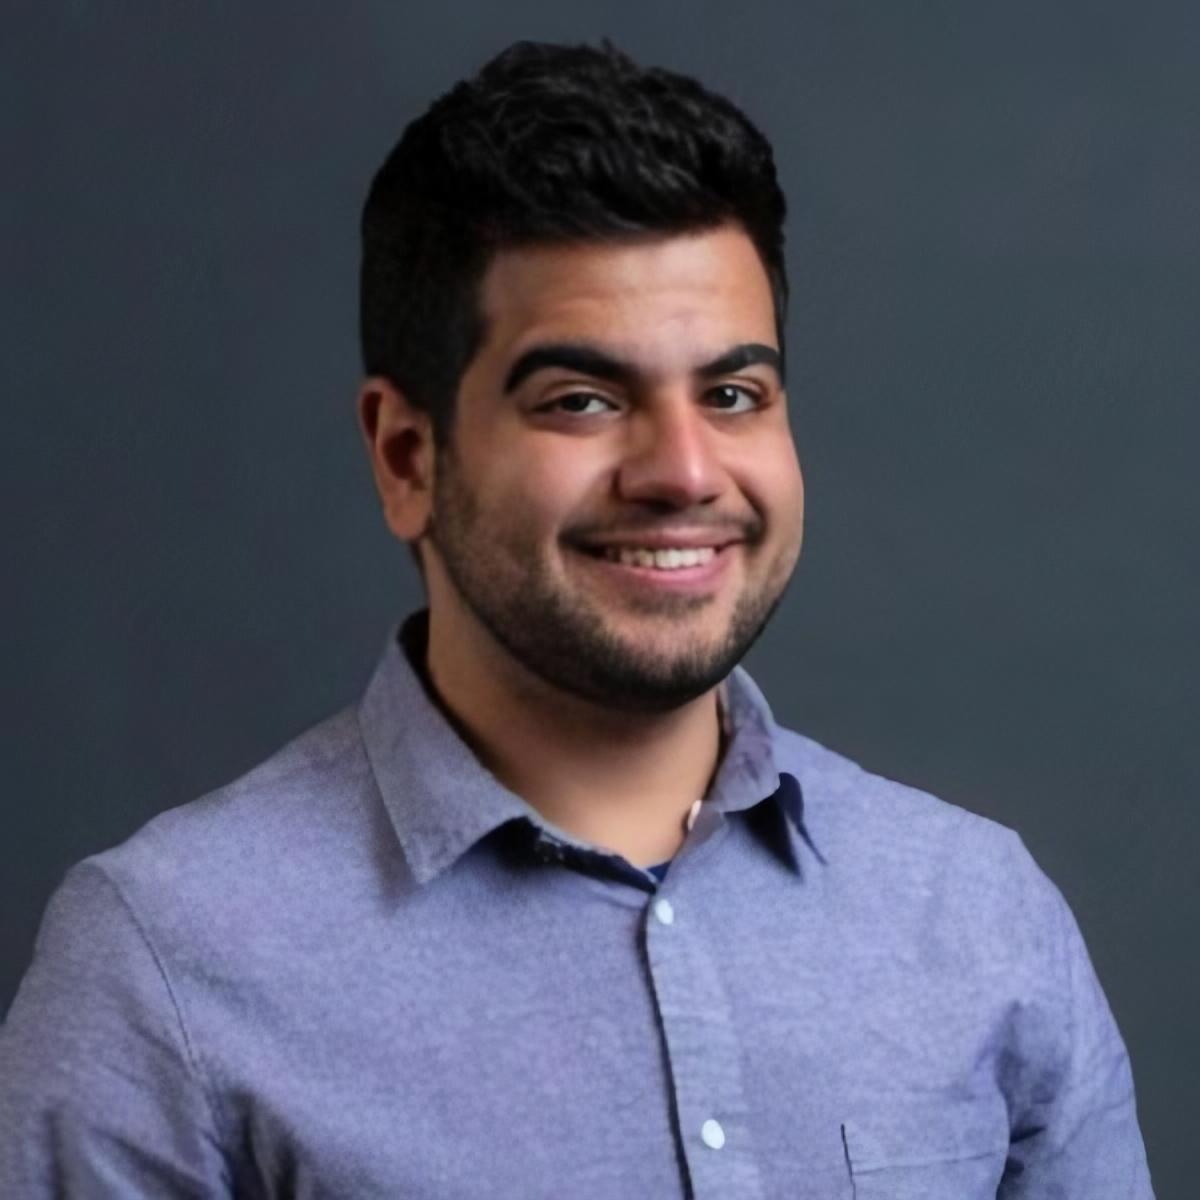 Ahmad Alnasser '21